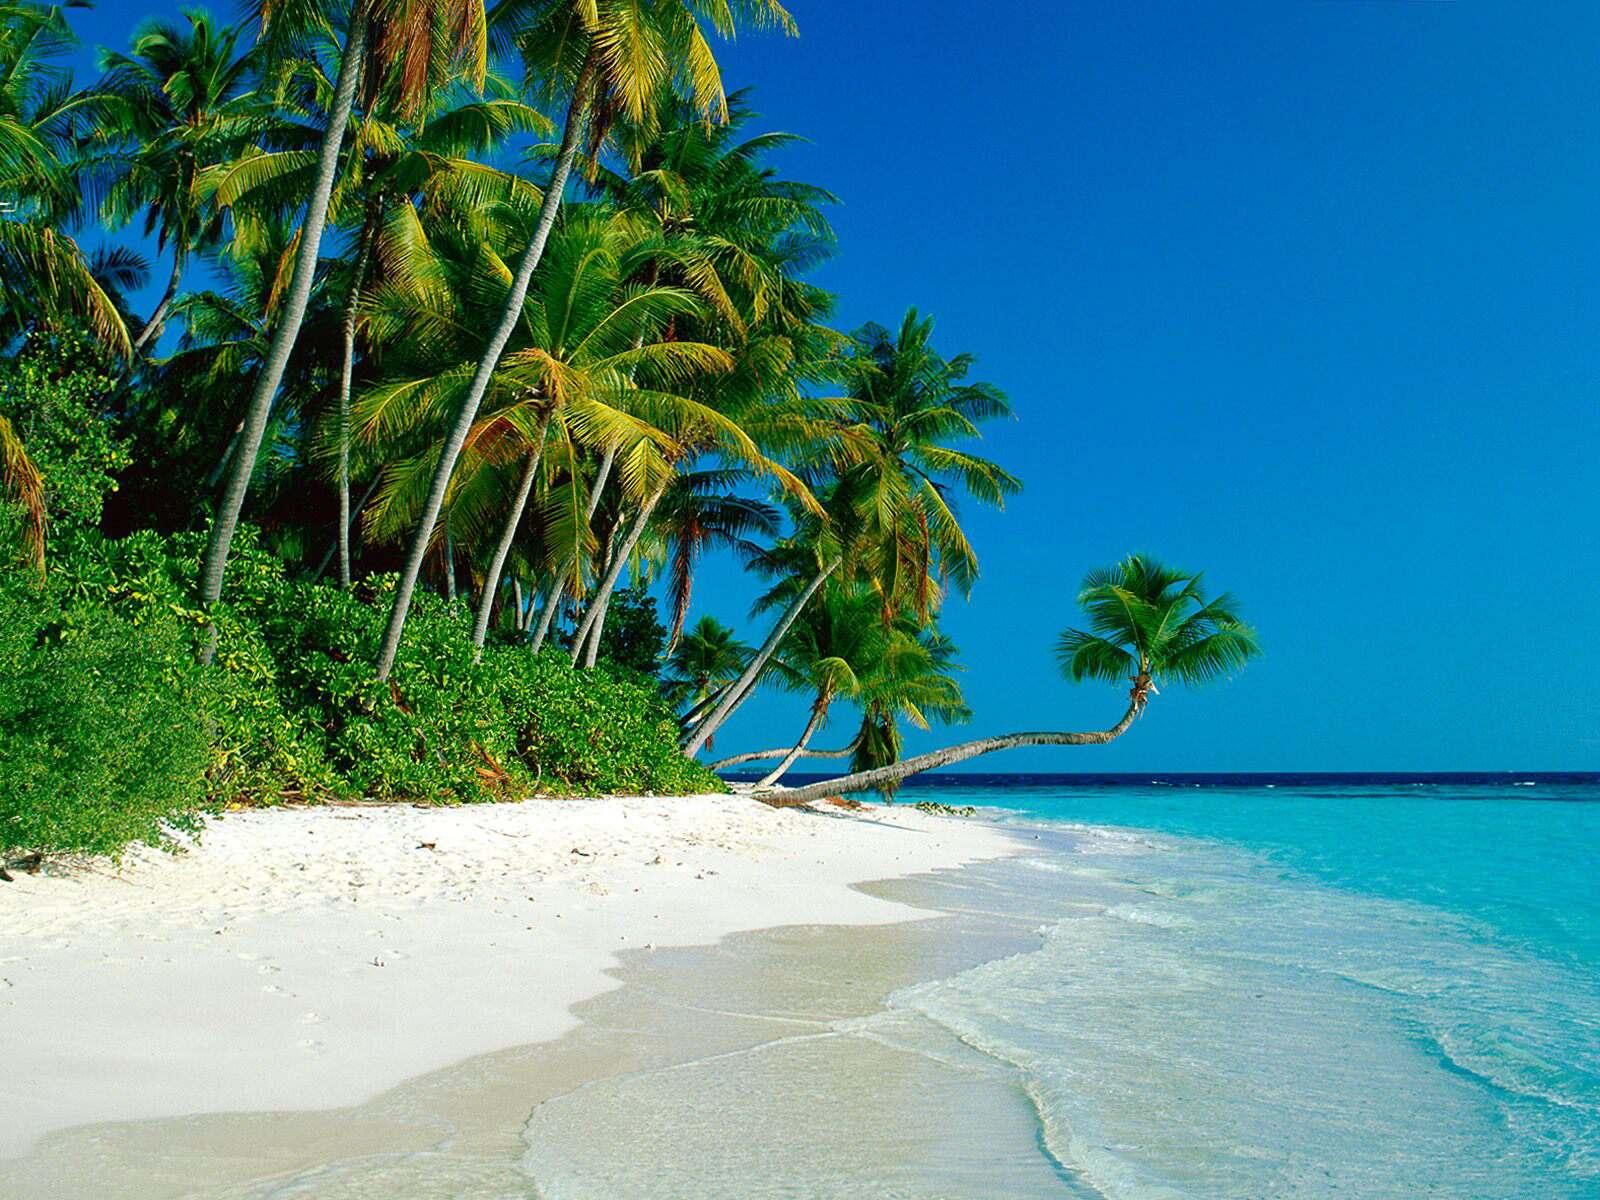 014 moře pláž palmy